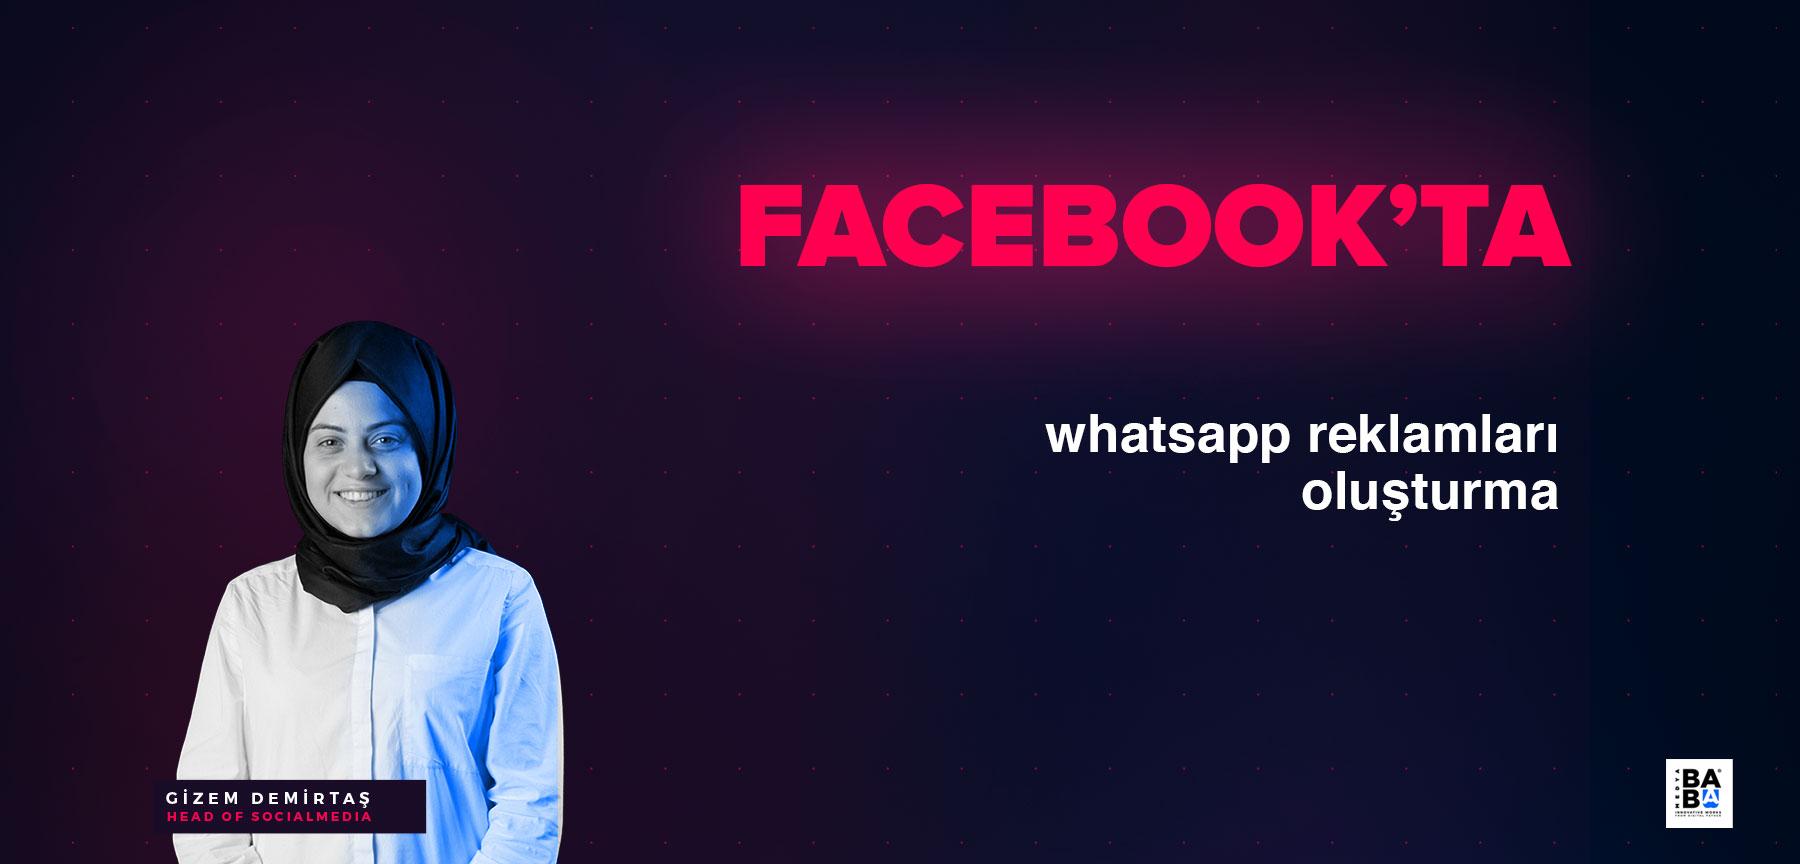 Facebook'ta WhatsApp Reklamları Oluşturabiliyoruz